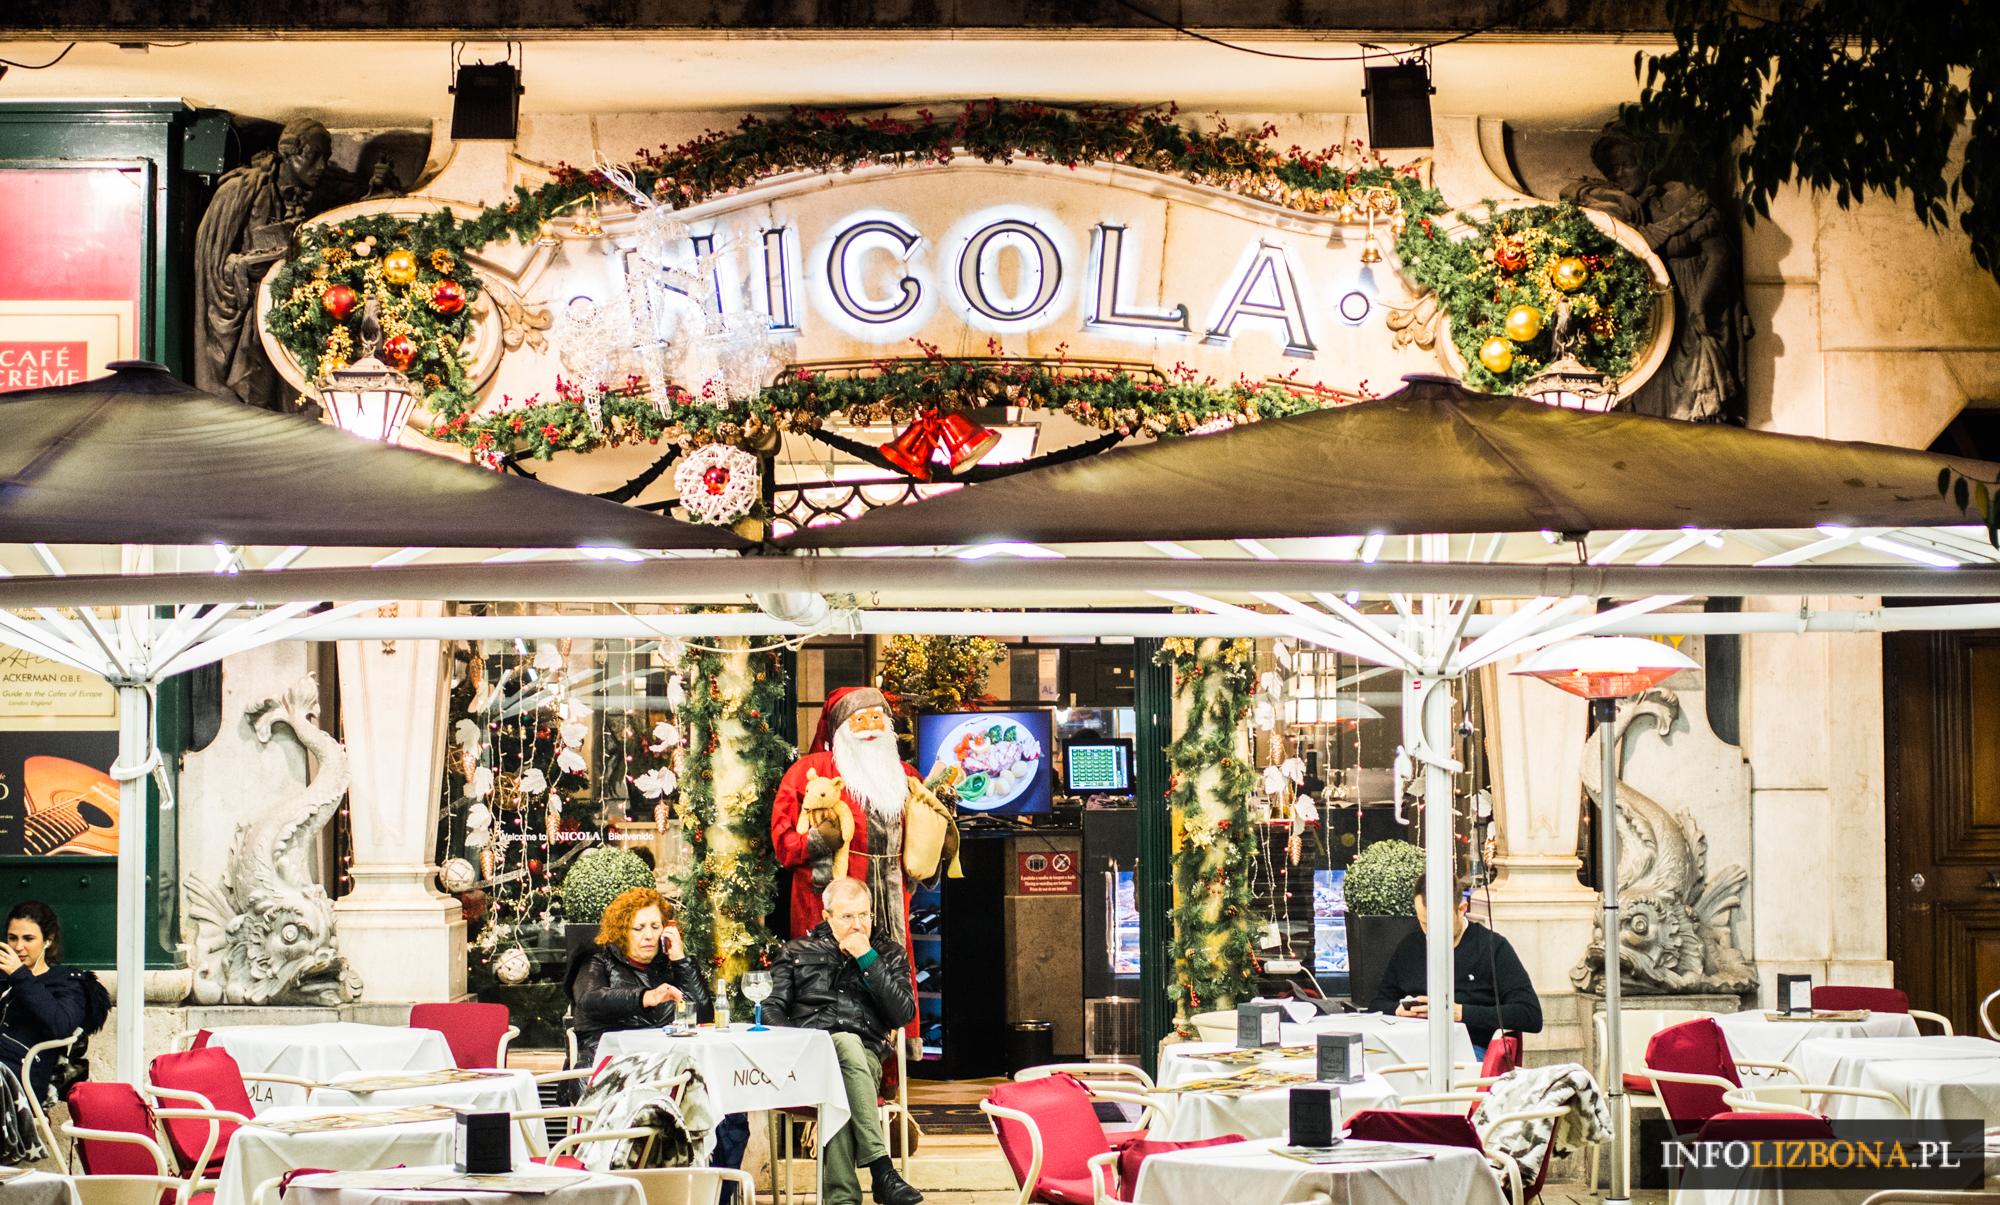 Święta Lizbona 2018 Boże Narodzenie Nowy Rok 2019 Przewodnik w Lizbonie Zwiedzanie Fotografie Foto Zdjęcia Co robić w Lizbonie Portugalii Wydarzenia Koncerty Specjalne Imprezy